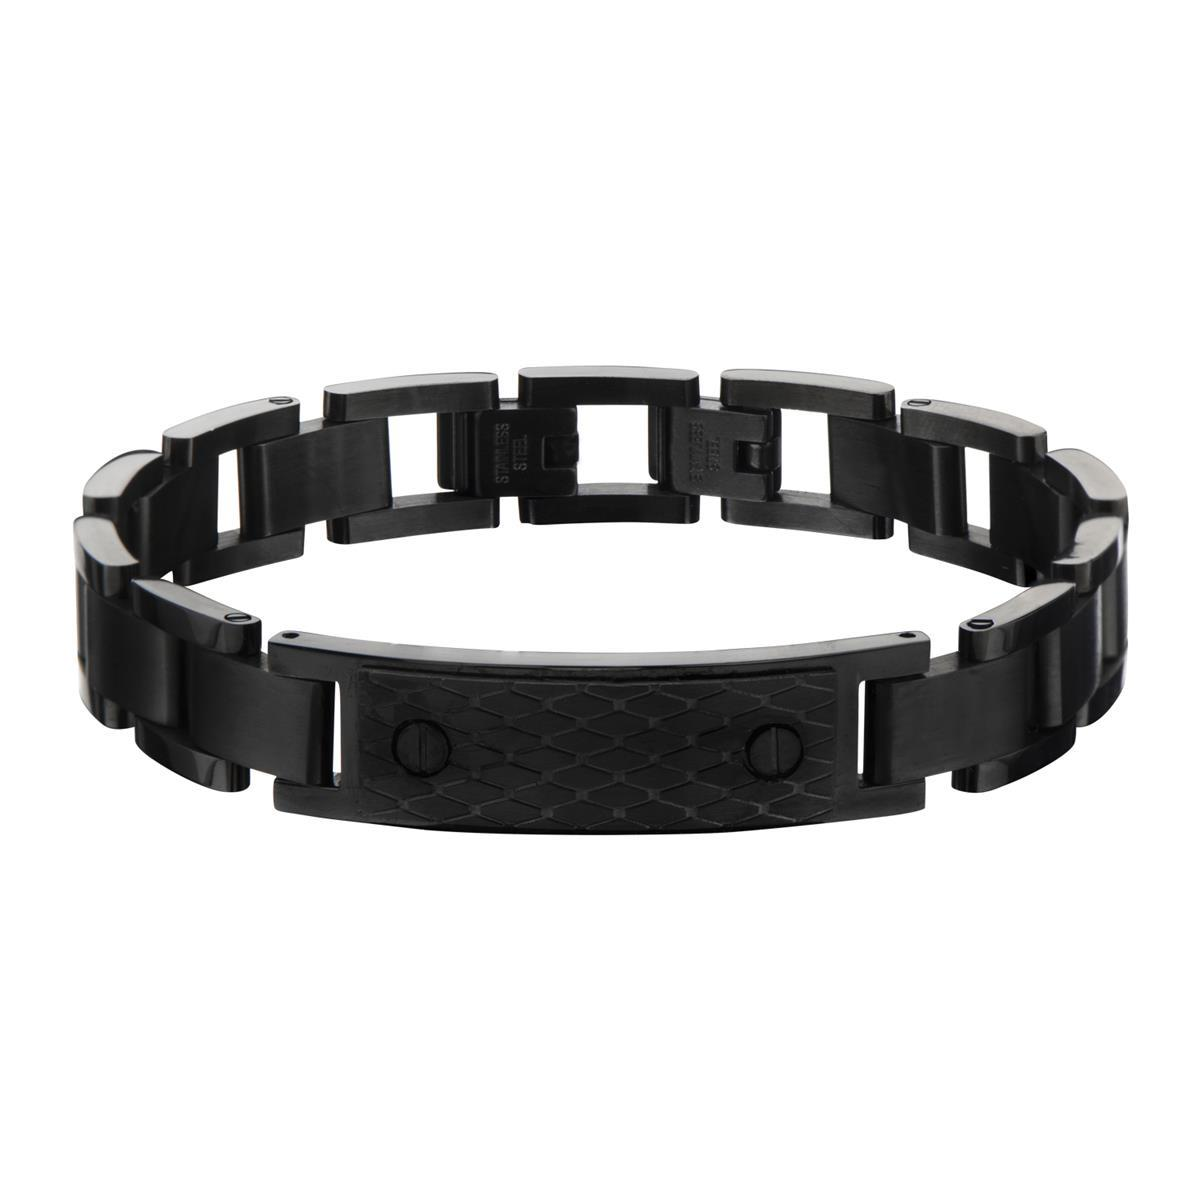 inox_mens_stainless_steel_black_bracelet